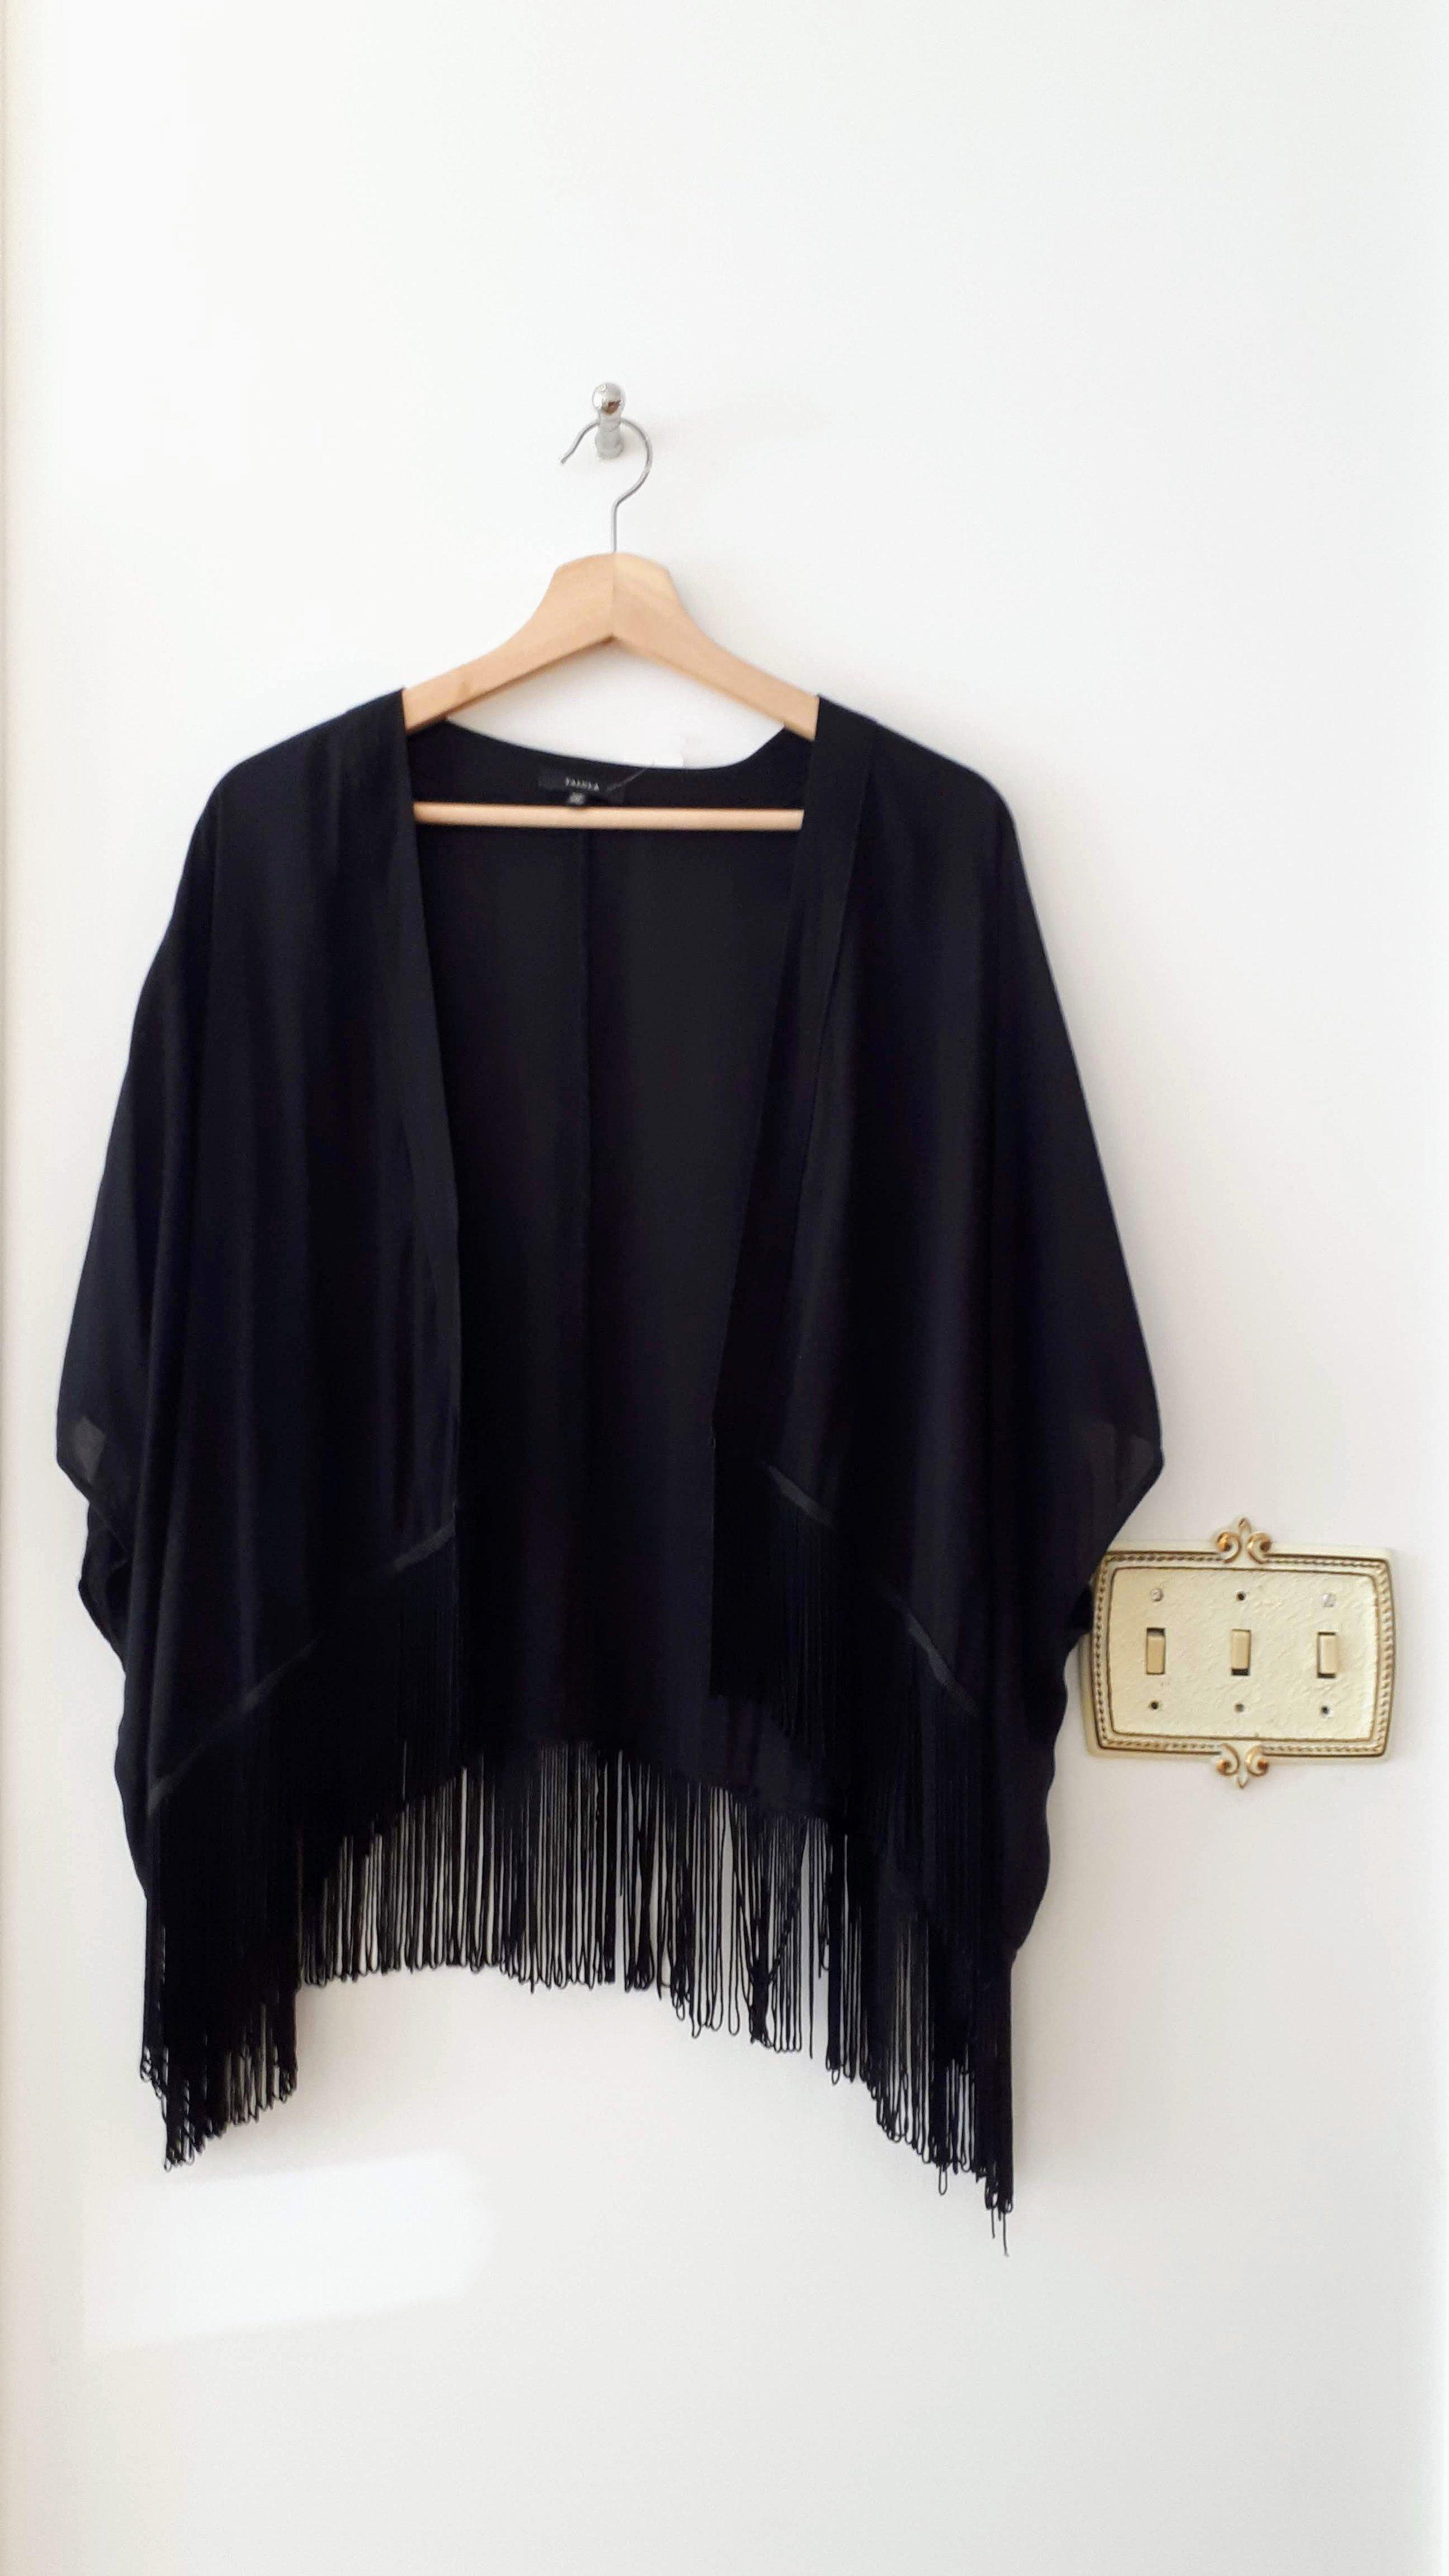 Talulah top; Size XS, $22